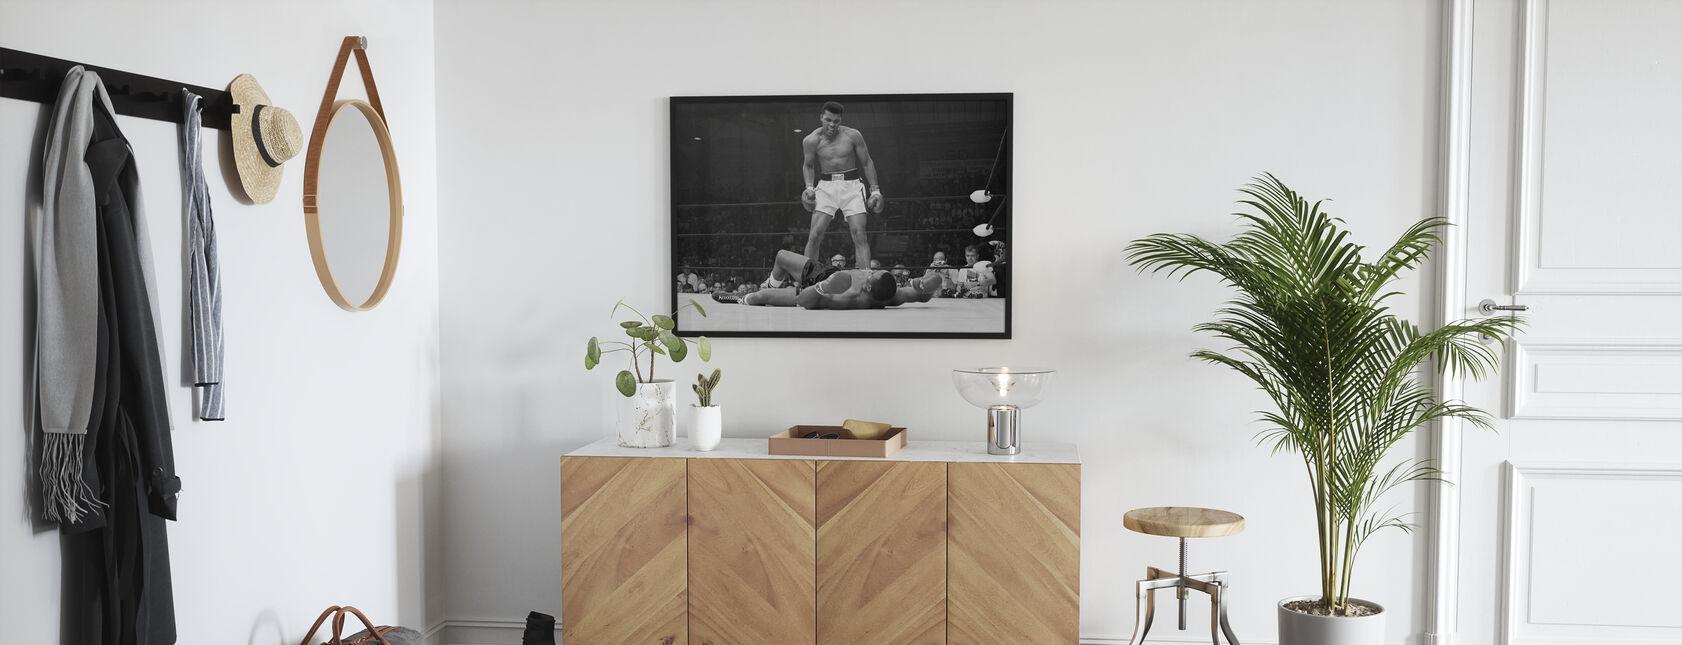 Muhammad Ali vs Sonny Liston - Poster - Hall